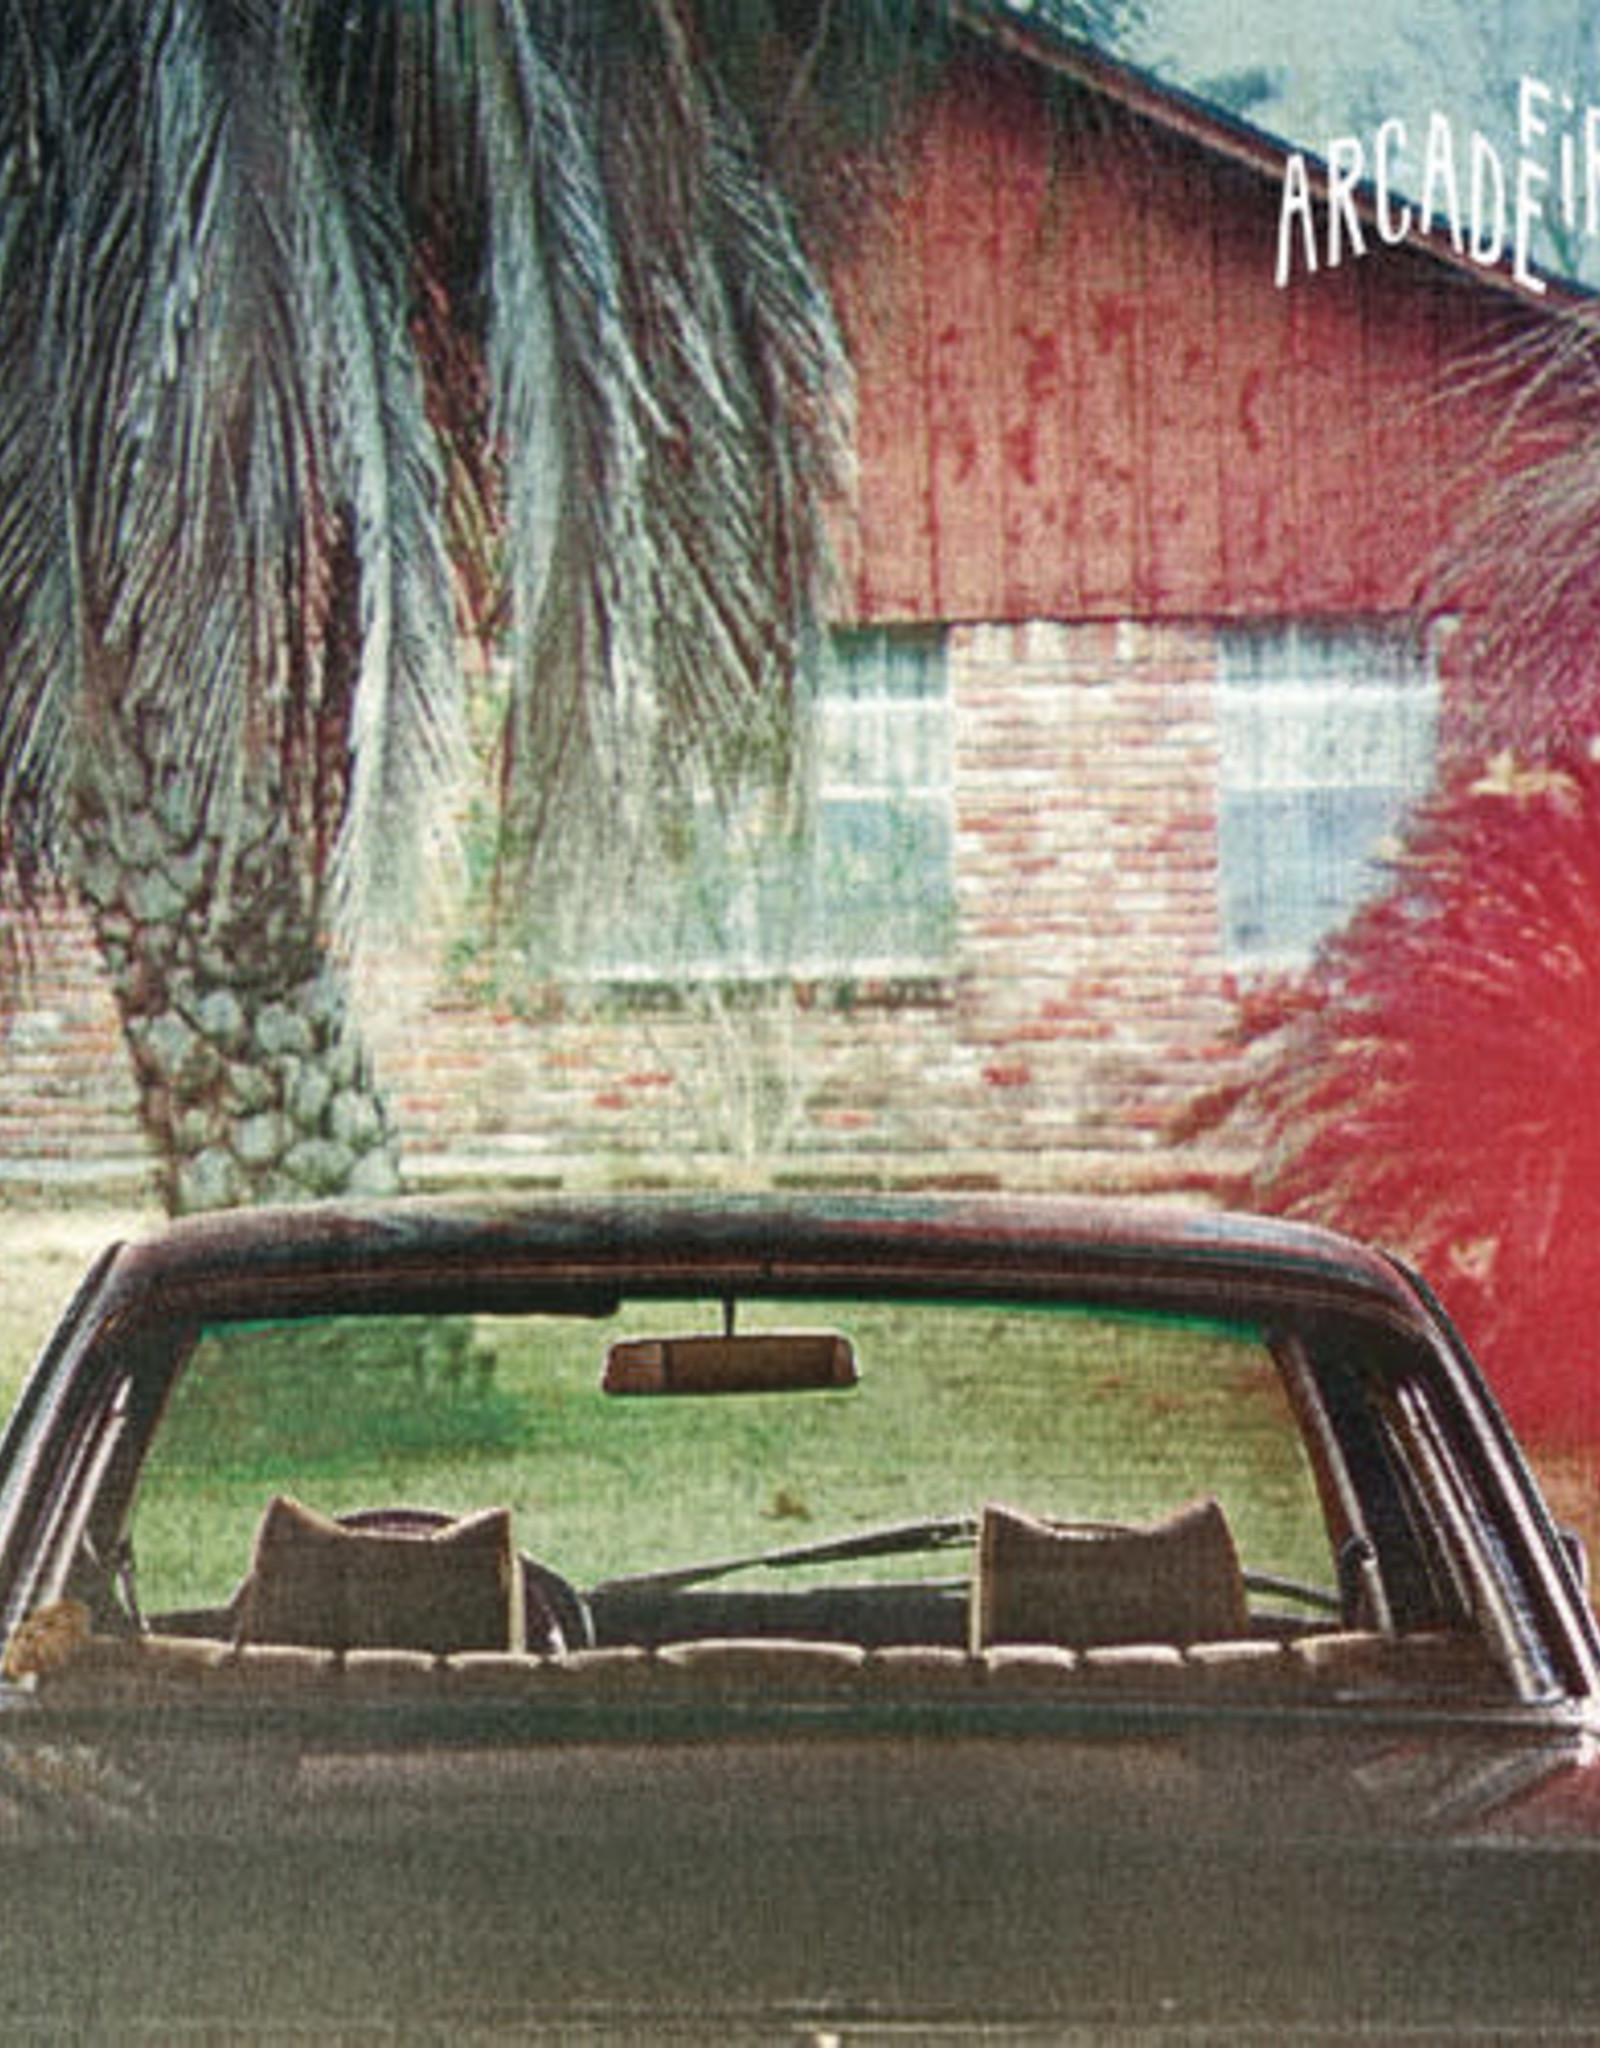 Arcade Fire / Suburbs